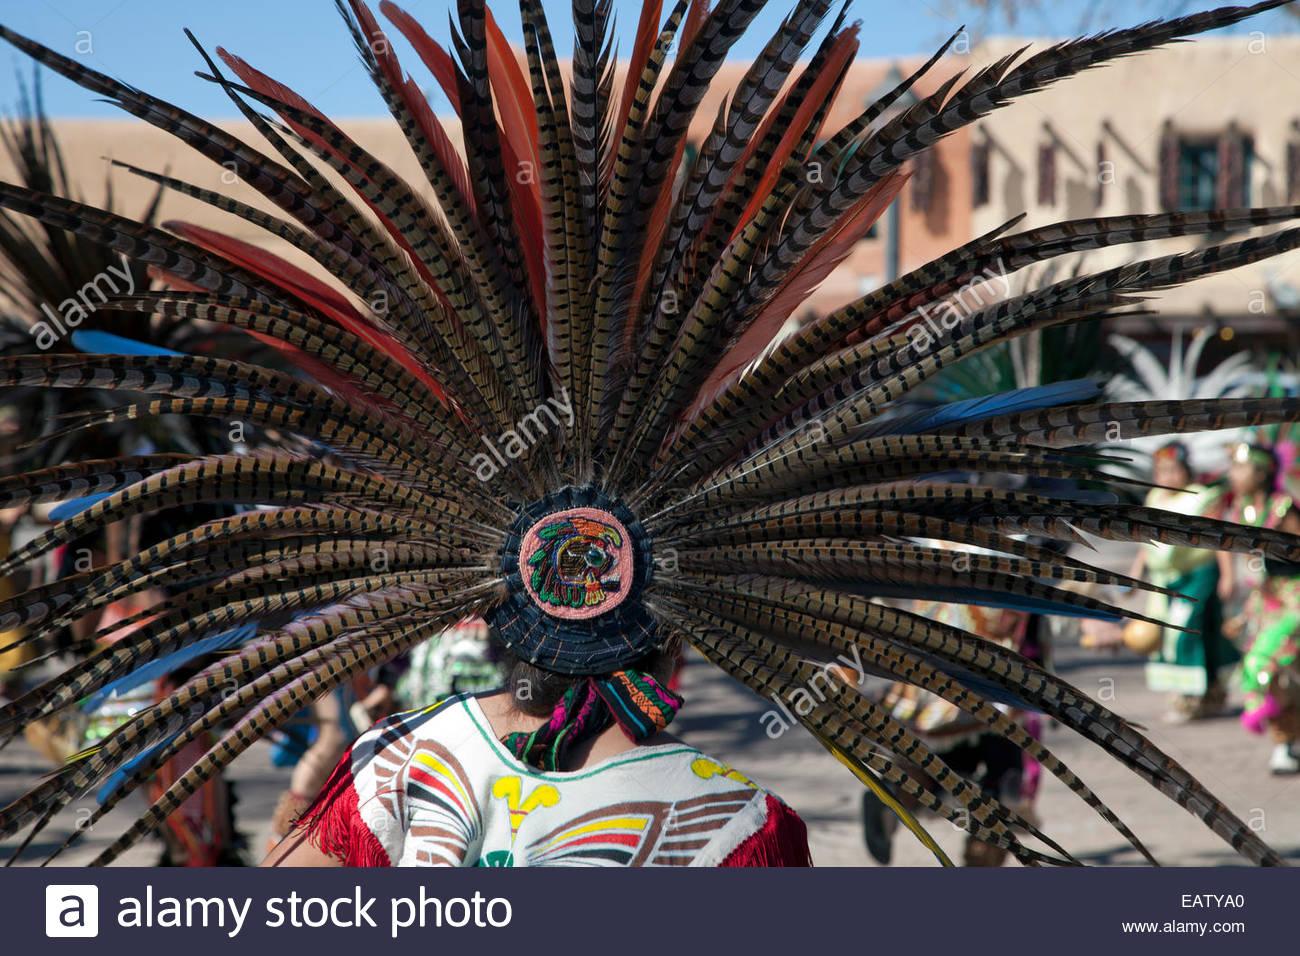 Una performance de danza la Danza Azteca de Anahuac, en el Dia de Cuautemoc. Imagen De Stock